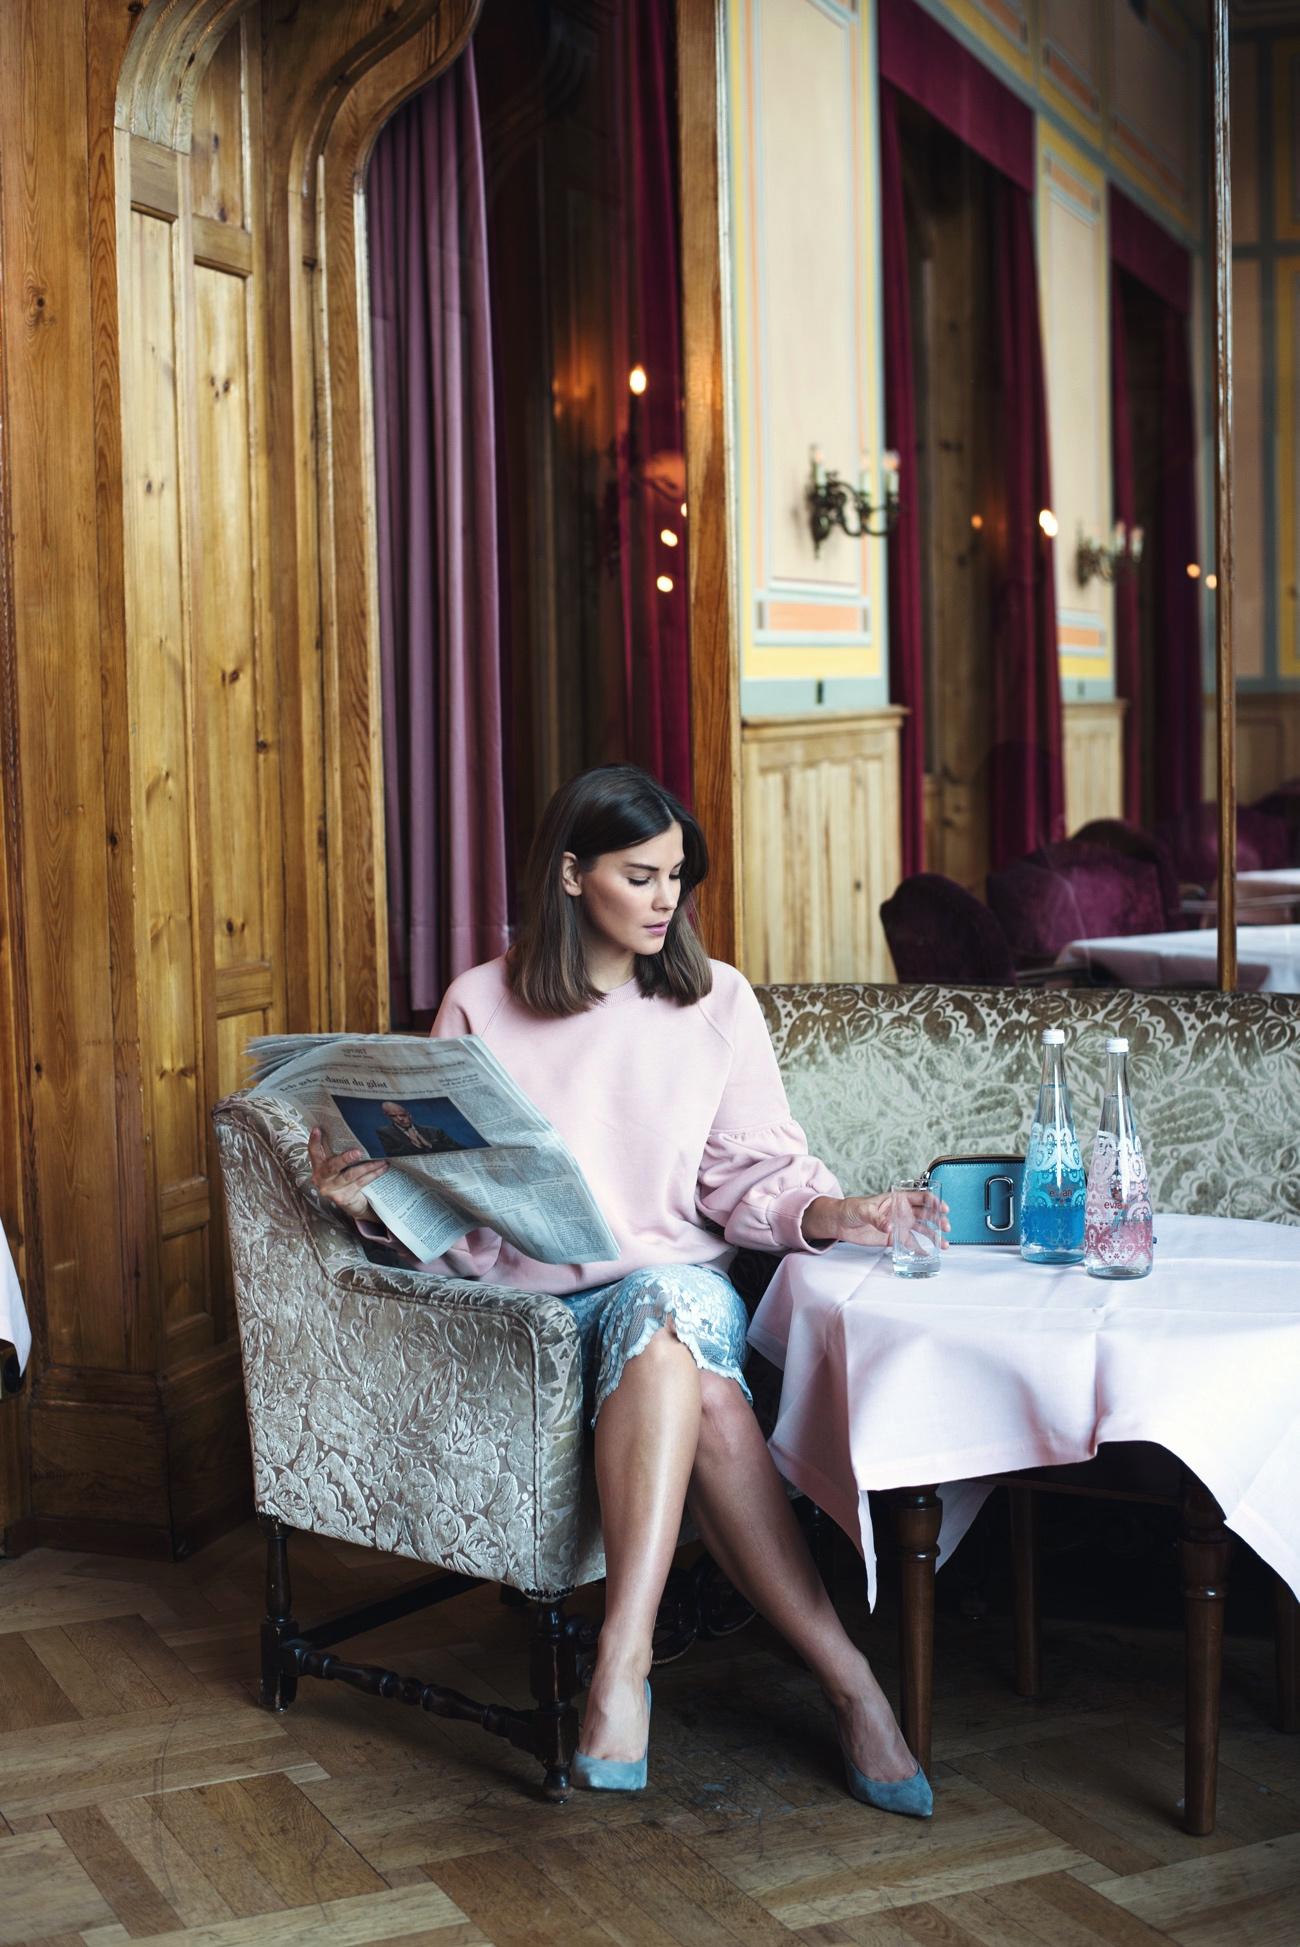 marc-jacobs-Snapshot-Small-camera-bag-rosa-und-hellblau-fashiioncarpet